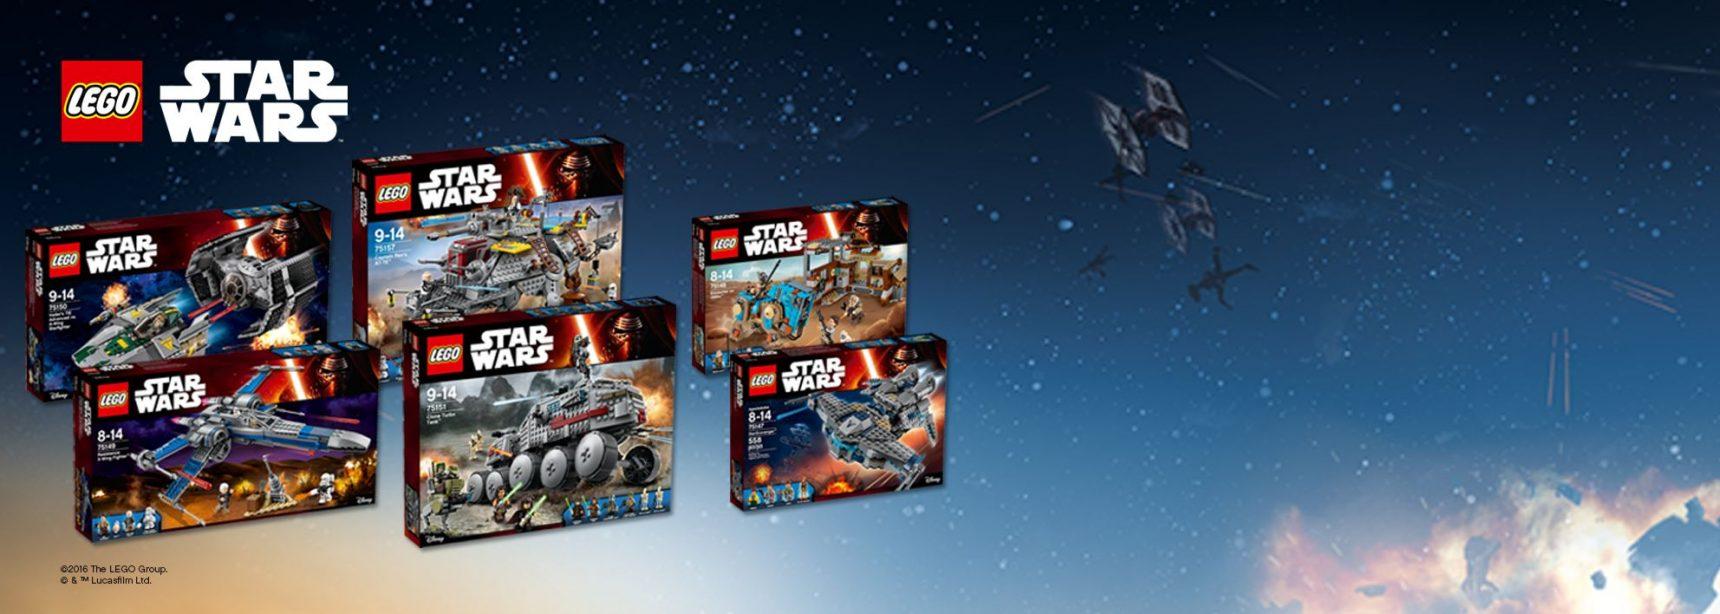 Die neuen LEGO Star Wars 2016 Sets sind ab sofort verfügbar!